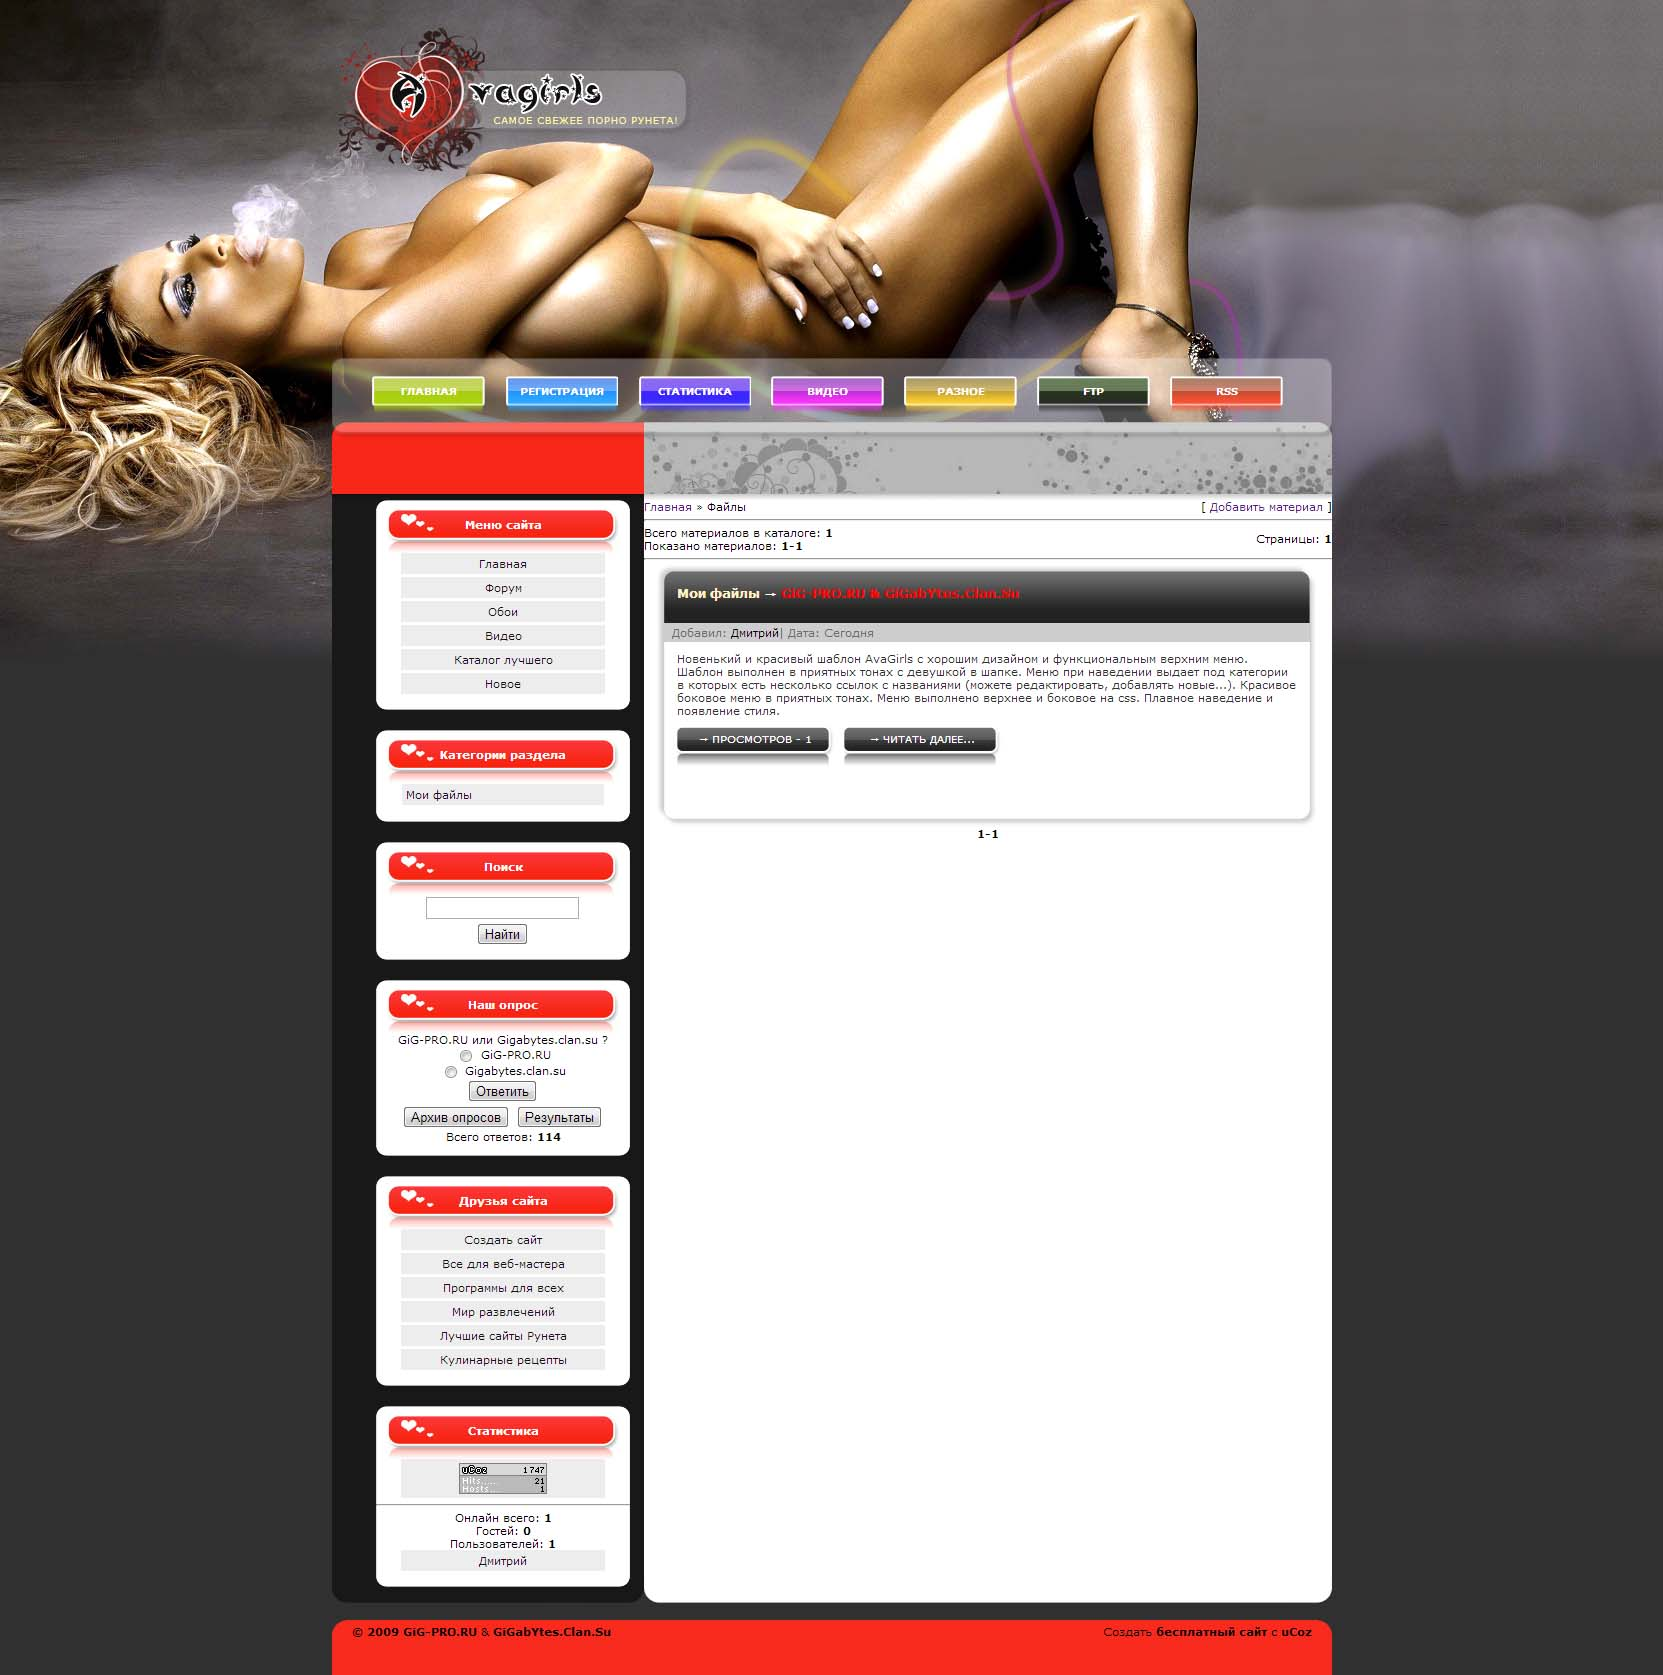 Кастинги смотреть порно видео онлайн, бесплатные